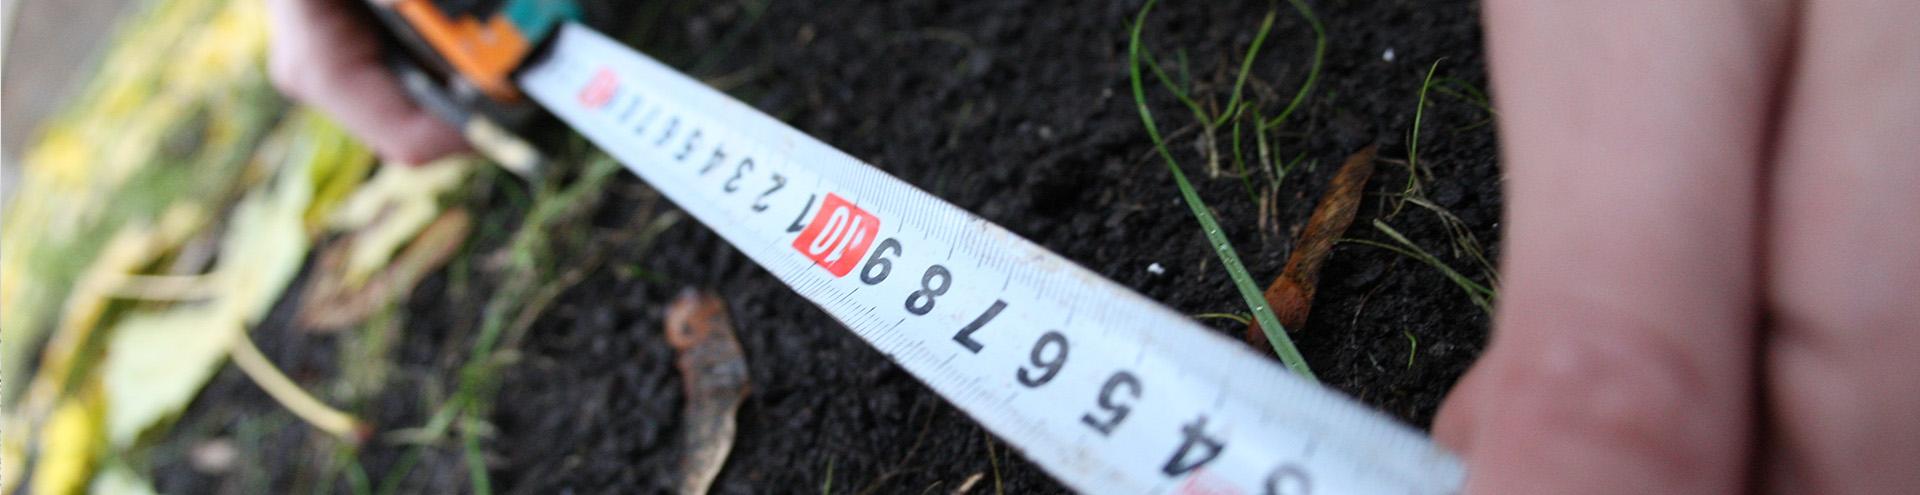 Оспаривание кадастровой стоимости земельного участка в Краснодаре